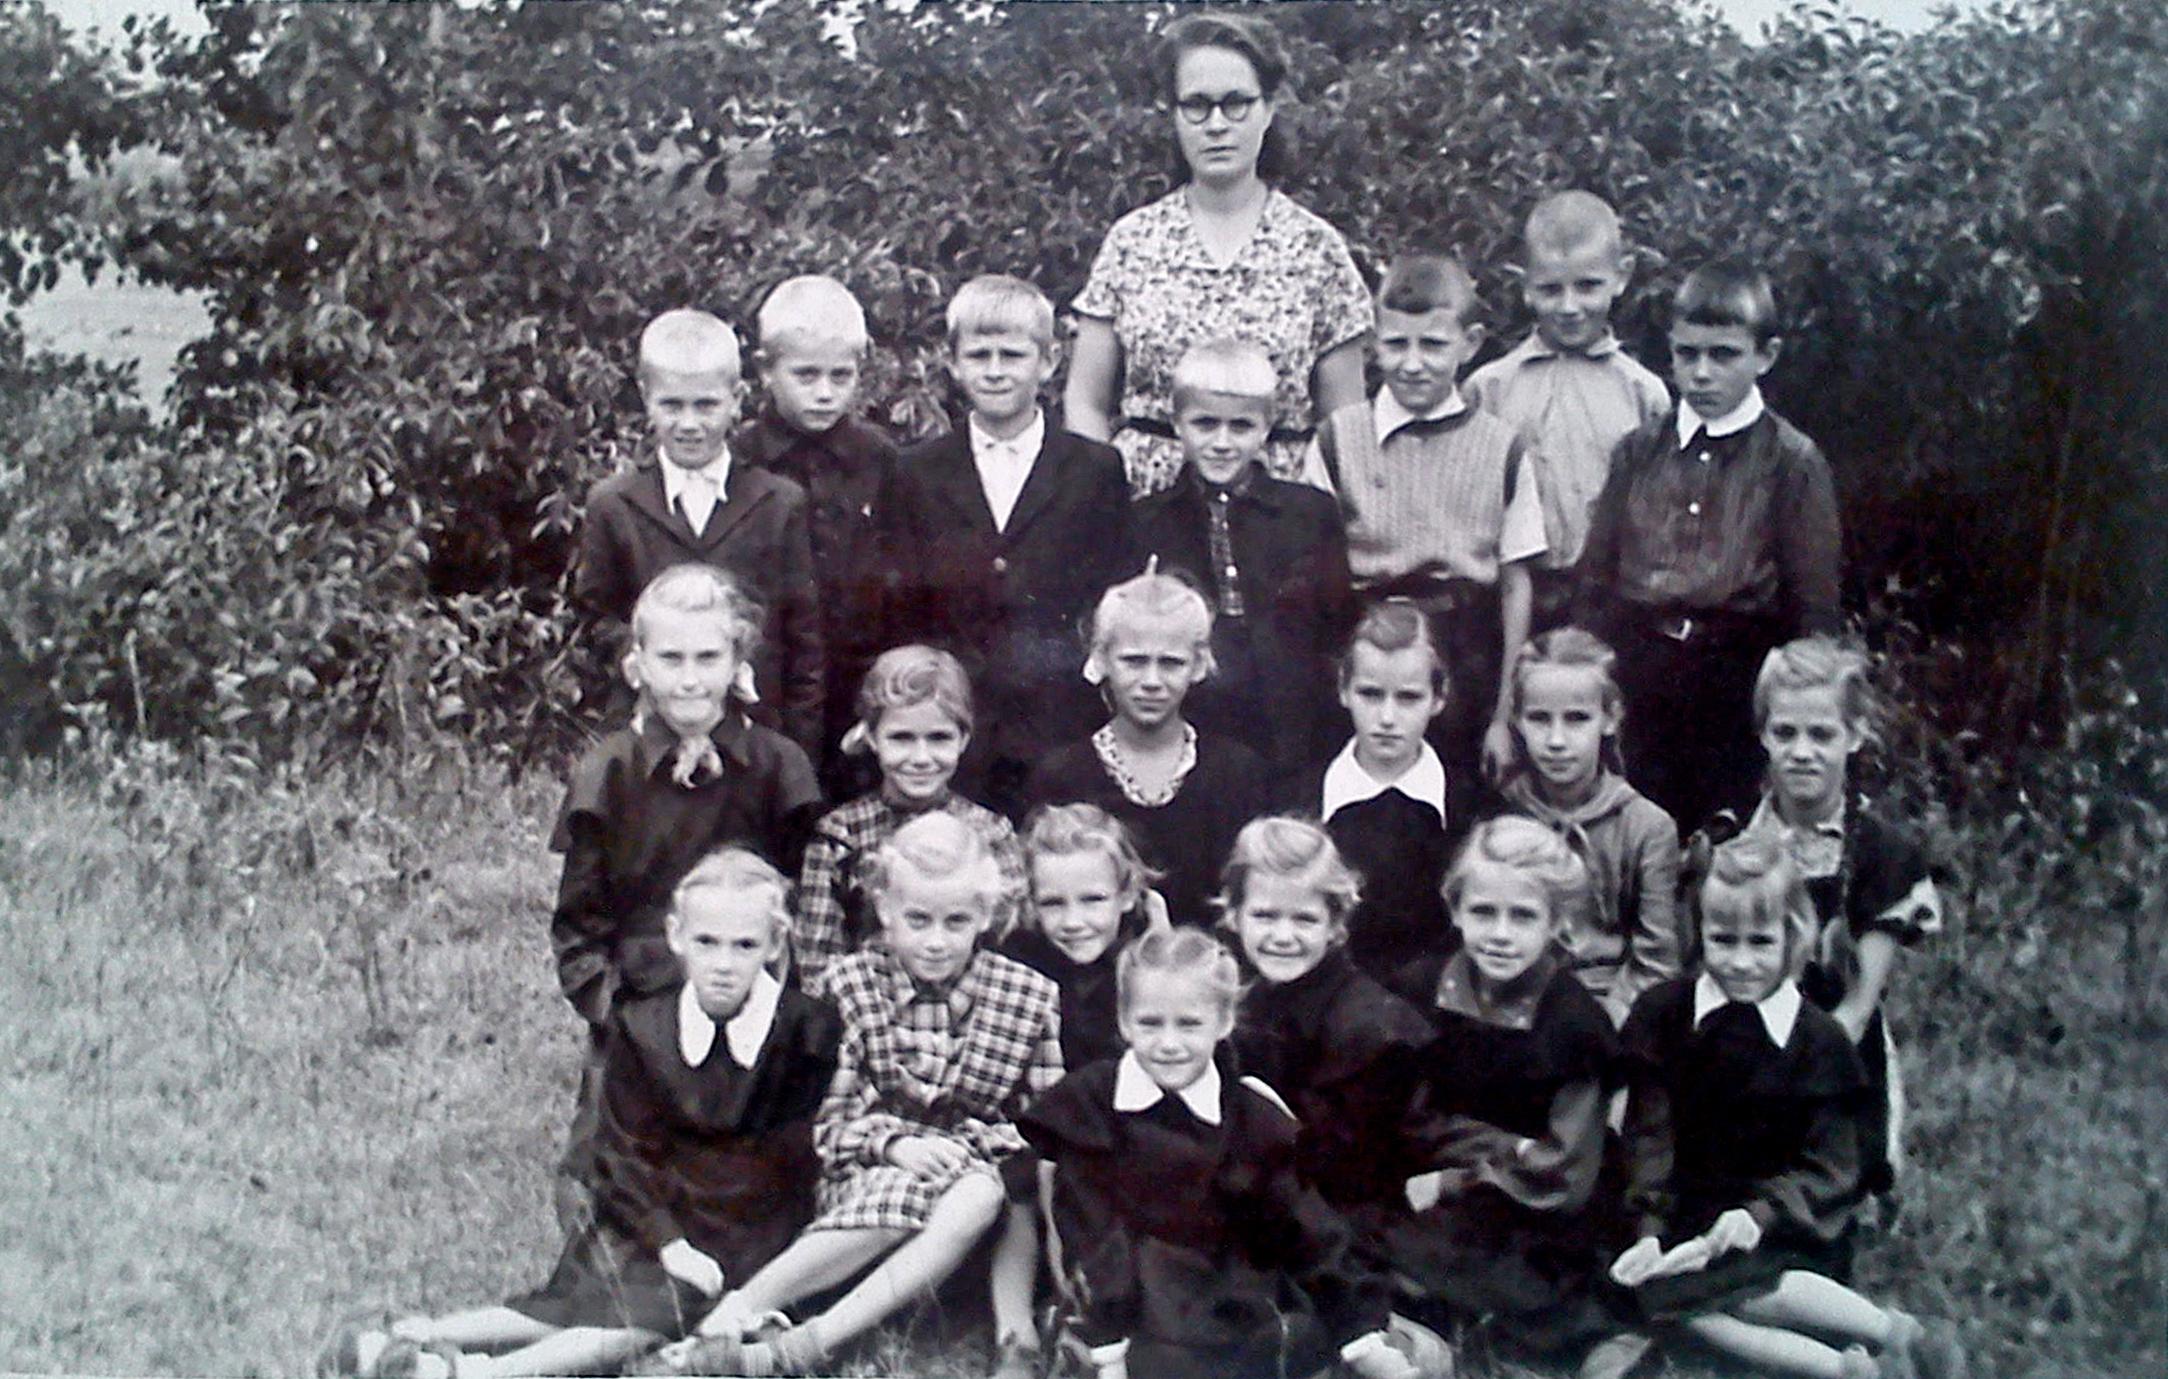 Skolotāja Silvija Pilvere ar audzināmo klasi 1955. gadā Stāv (no kreisās) Jānis Sīga, Aleksejs Jegorovs, Ēriks Miķelsons, Andris Reveliņš, Juris Bērziņš, Jānis Saveļjevs, Jānis Čugunovs. Vidus rinda (no kreisās) Zigrīda Krūmiņa, Irēna Līdaka ?, Anita Miķelsone, Vija Kasperaite, Valija Ozoliņa, Rita Krūka. Pirmajā rindā (no kreisās) Daina Plostiņa, Astrīda Miķelsone, Rūta Bērziņa, Modra Vīķe, Ruta Siliņa, Ruta Bērziņa. Priekšā Elizabete (Betija) Pētersone.